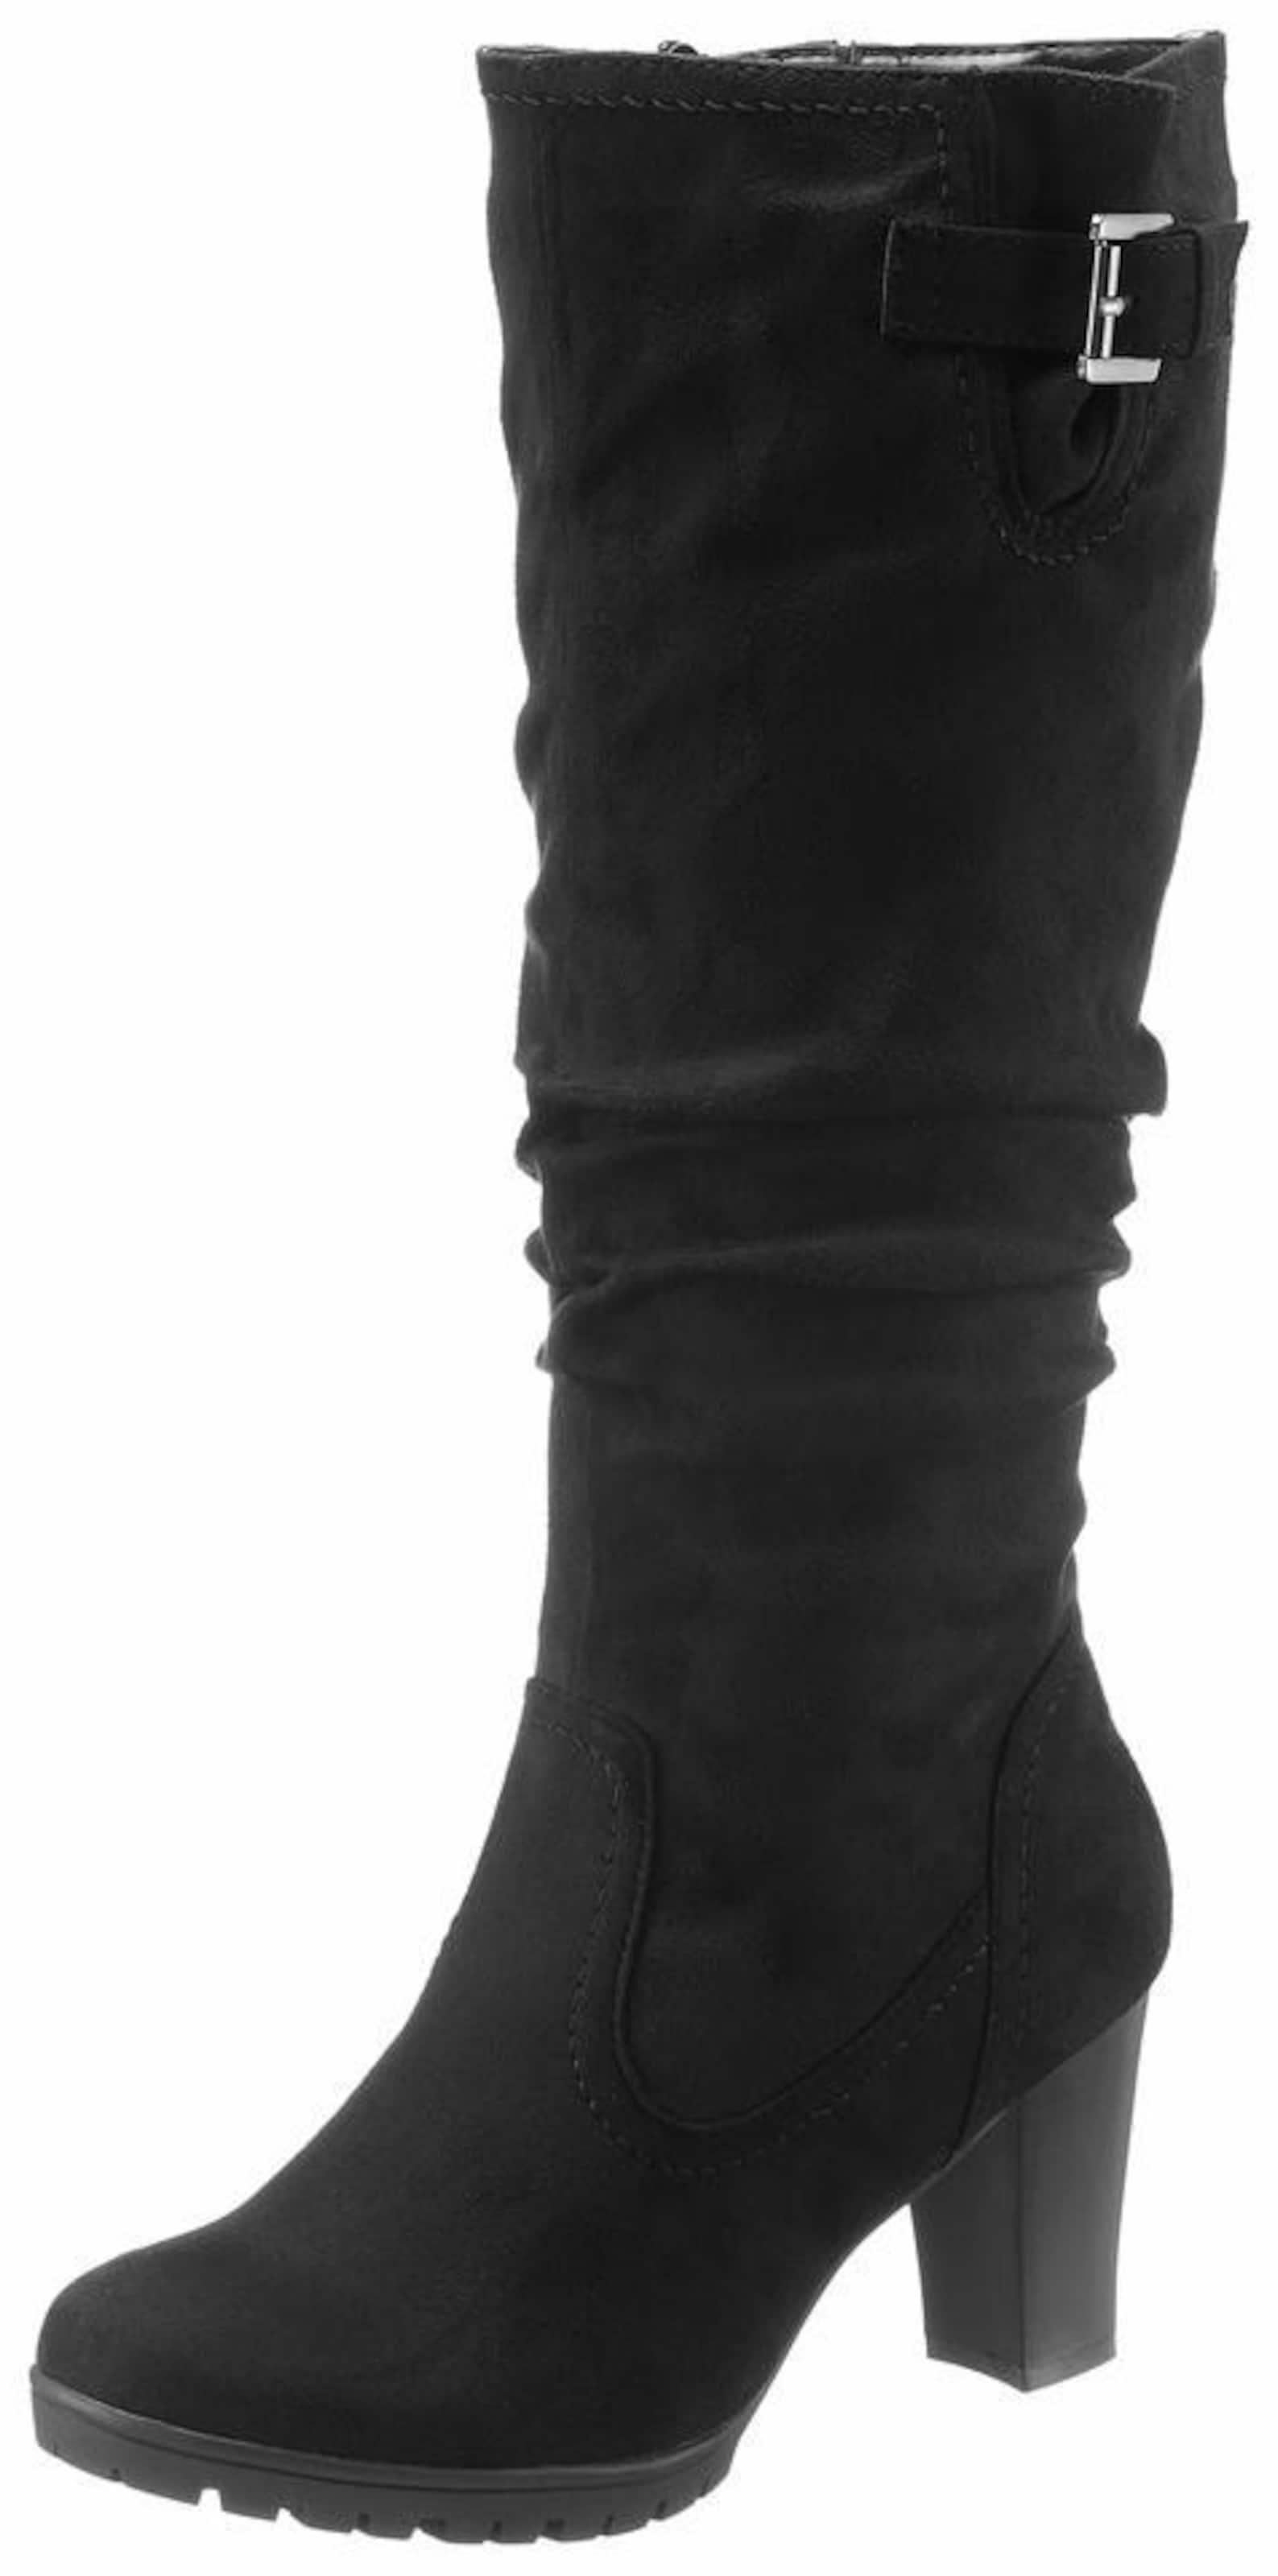 CITY WALK Plateaustiefel Verschleißfeste billige Schuhe